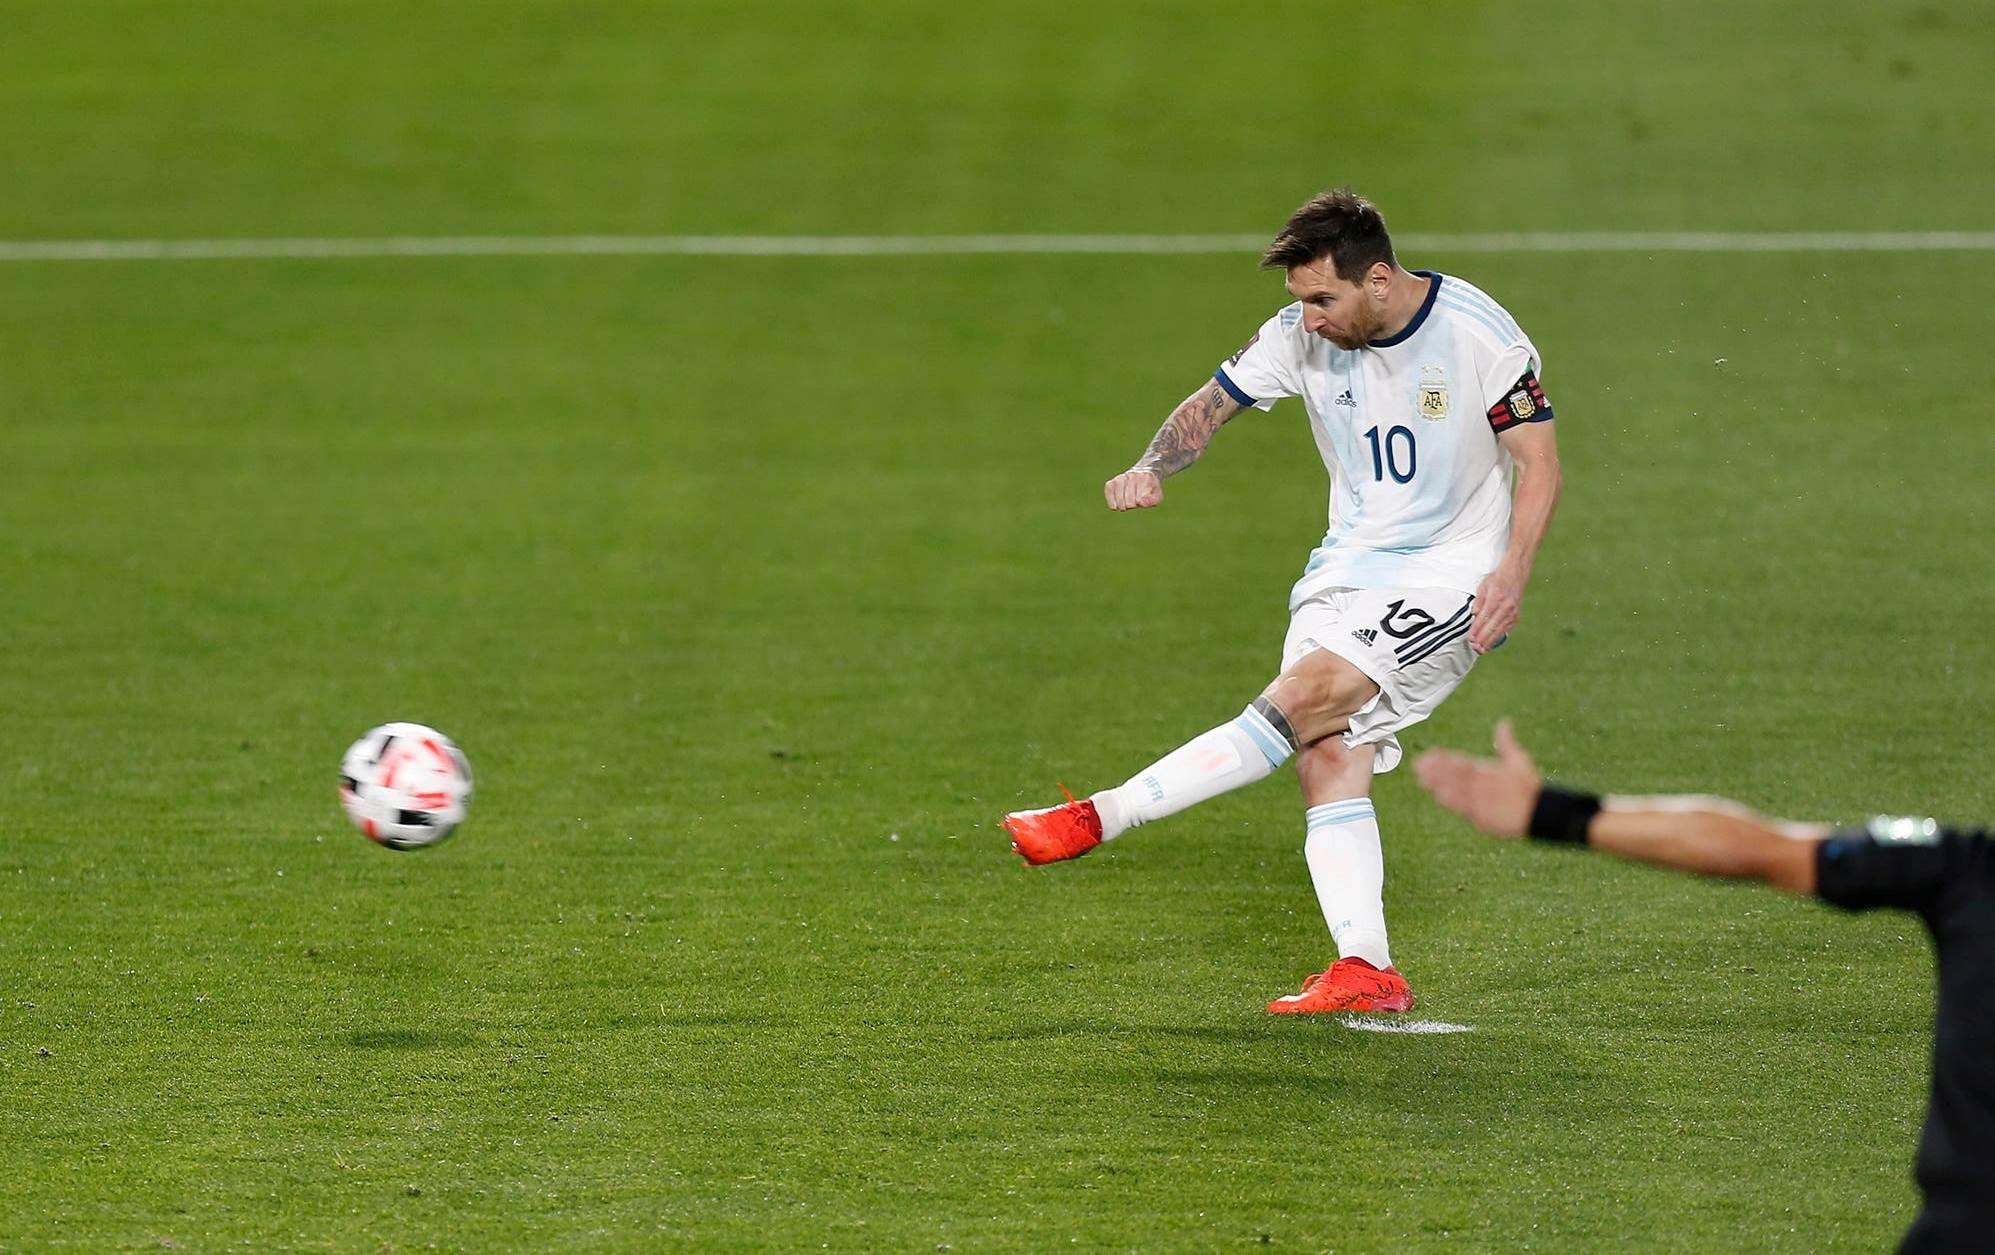 سجّل ميسي هدف الفوز على الإكوادور من ركلة جزاء